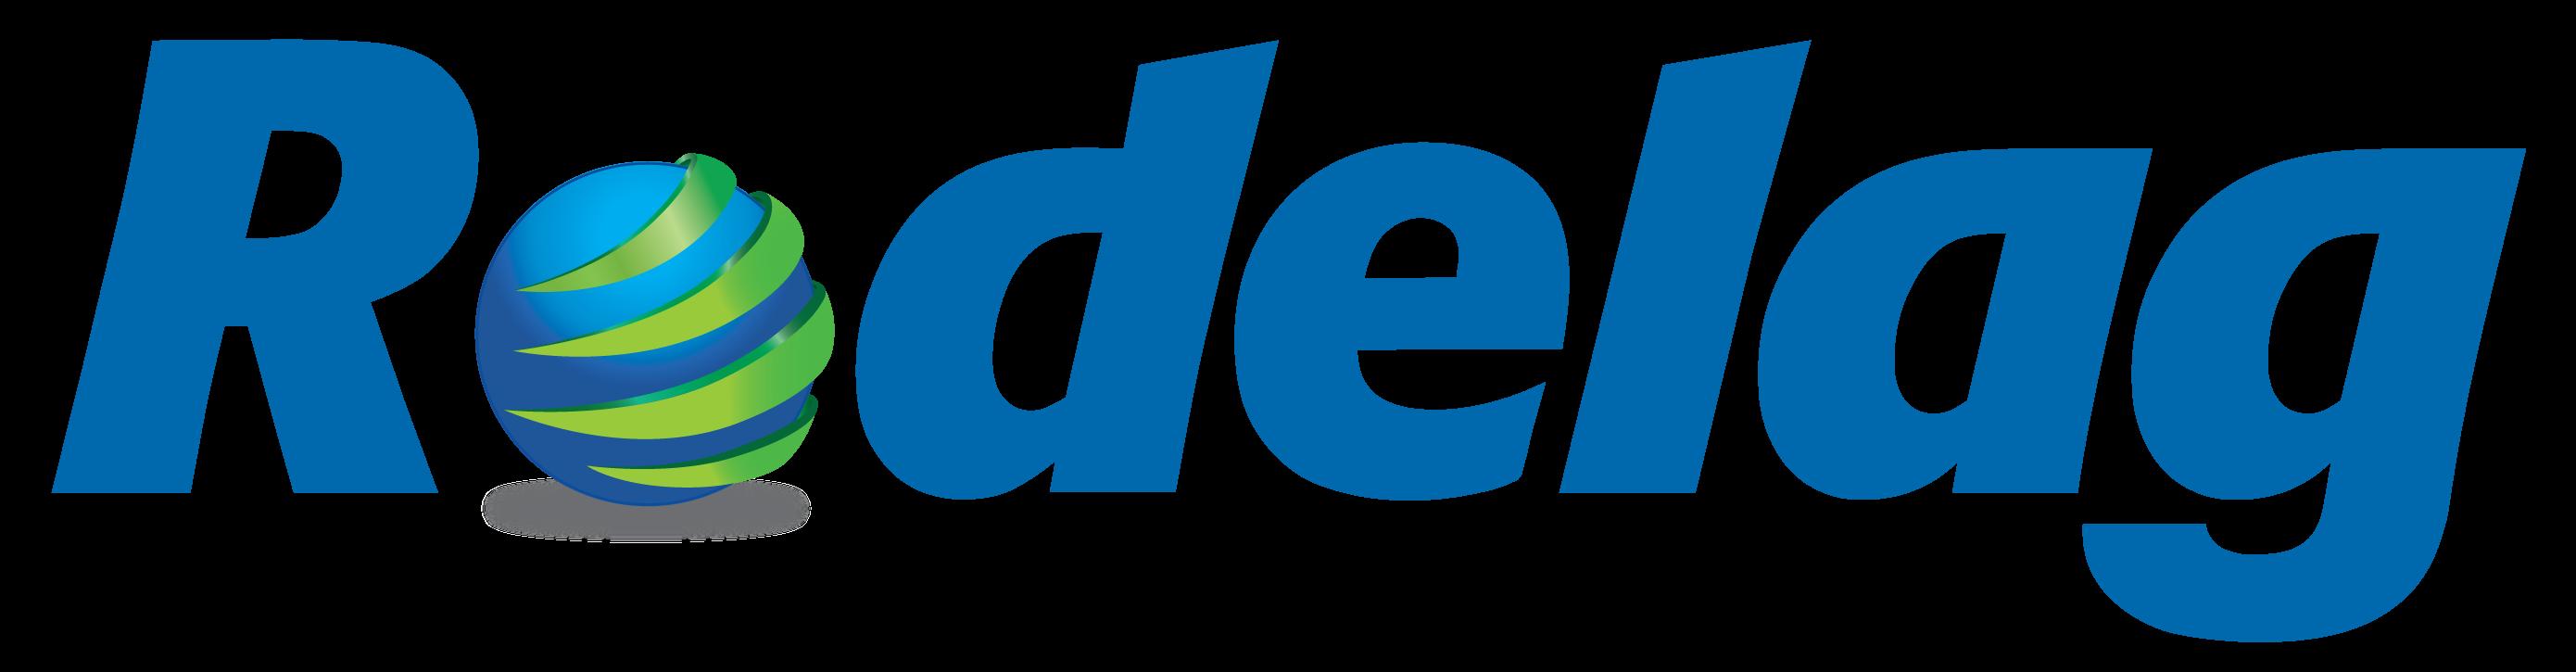 Rodelag